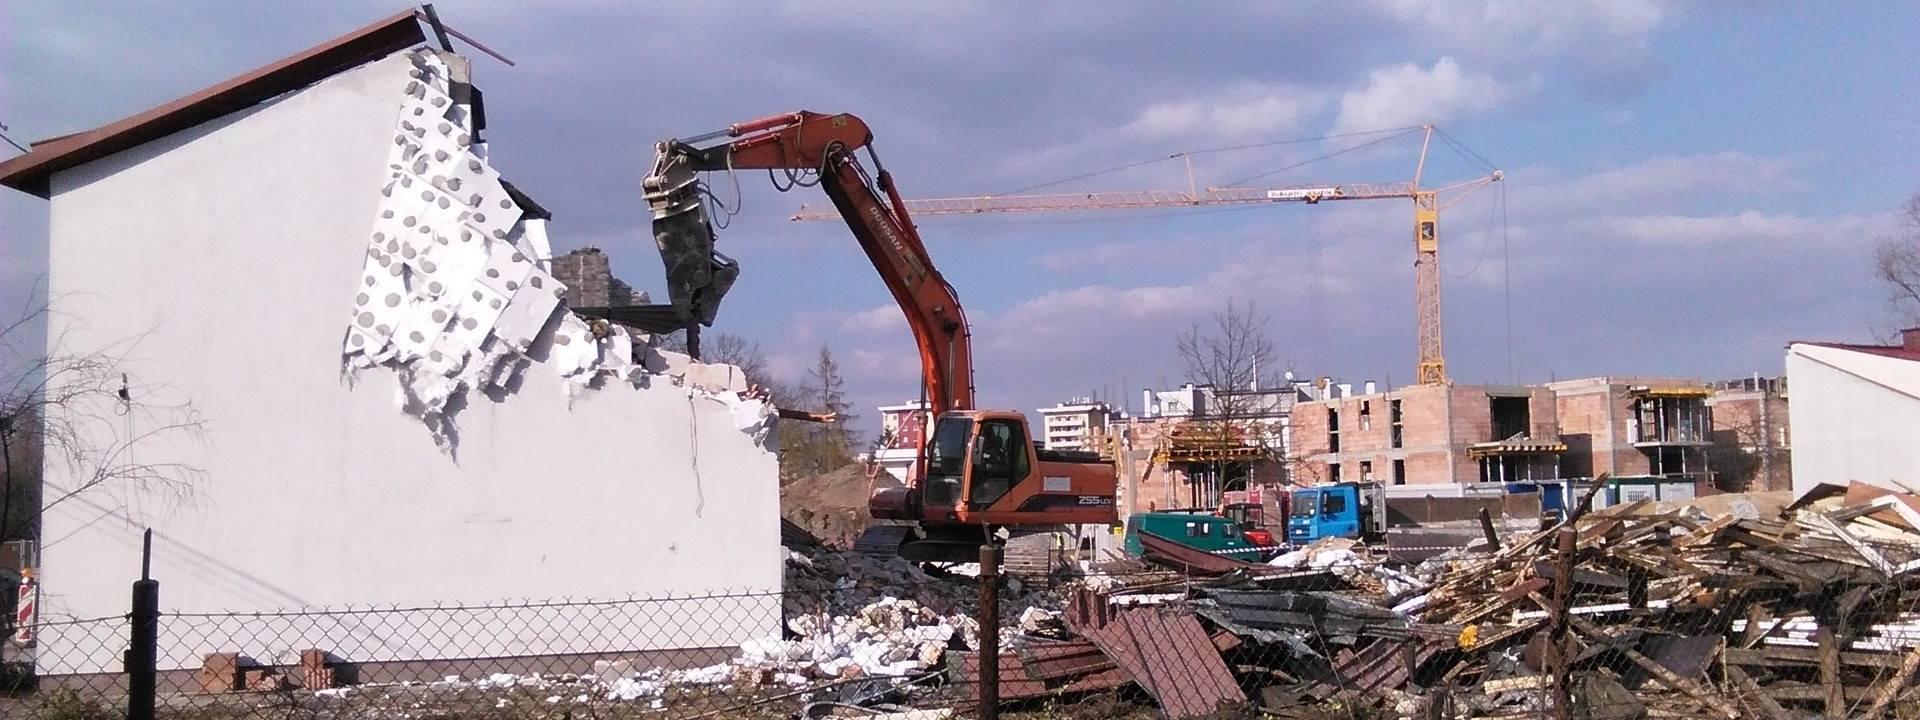 Niebezpieczna strefa w środku Krakowa. Budują Trasę Łagiewnicką, wyburzają domy [ZDJĘCIA]